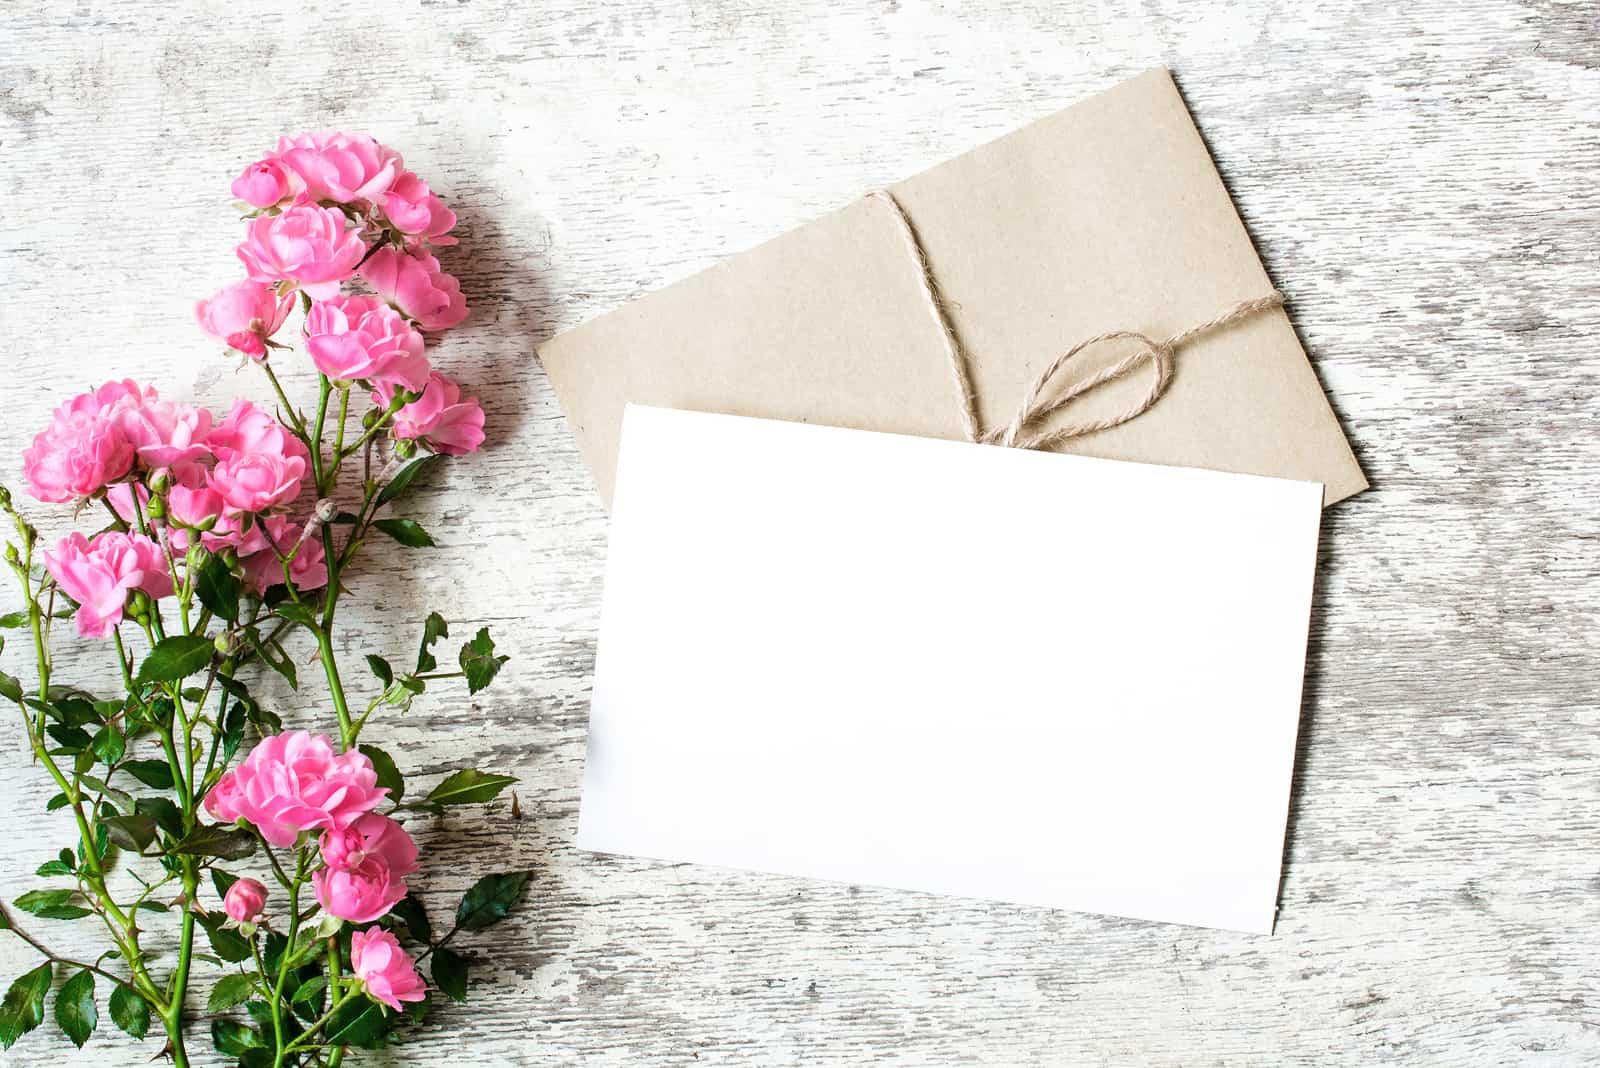 weiße Grußkarte und Umschlag mit rosa Rosenblüten